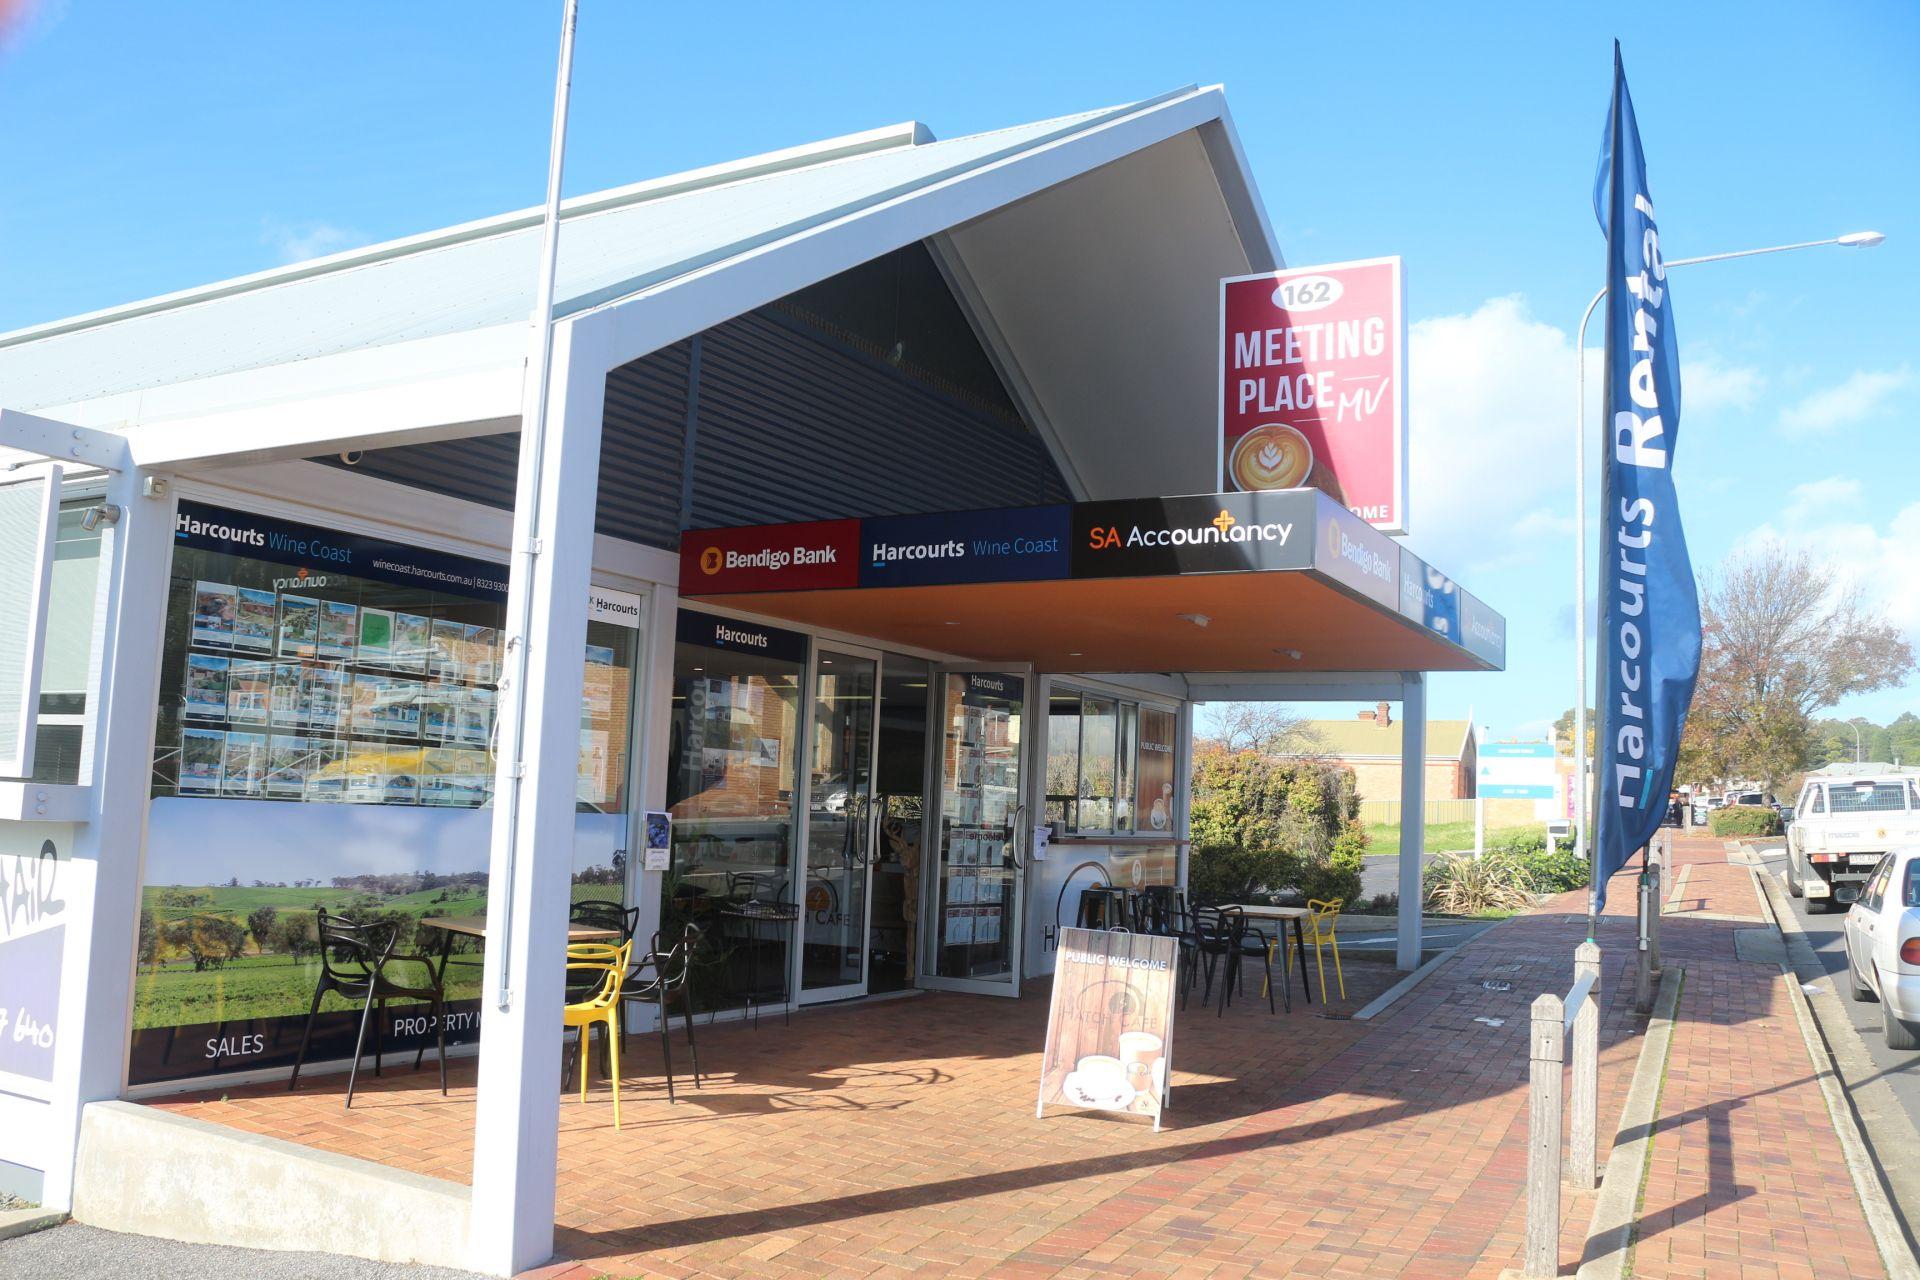 Meeting Place MV, McLaren Vale